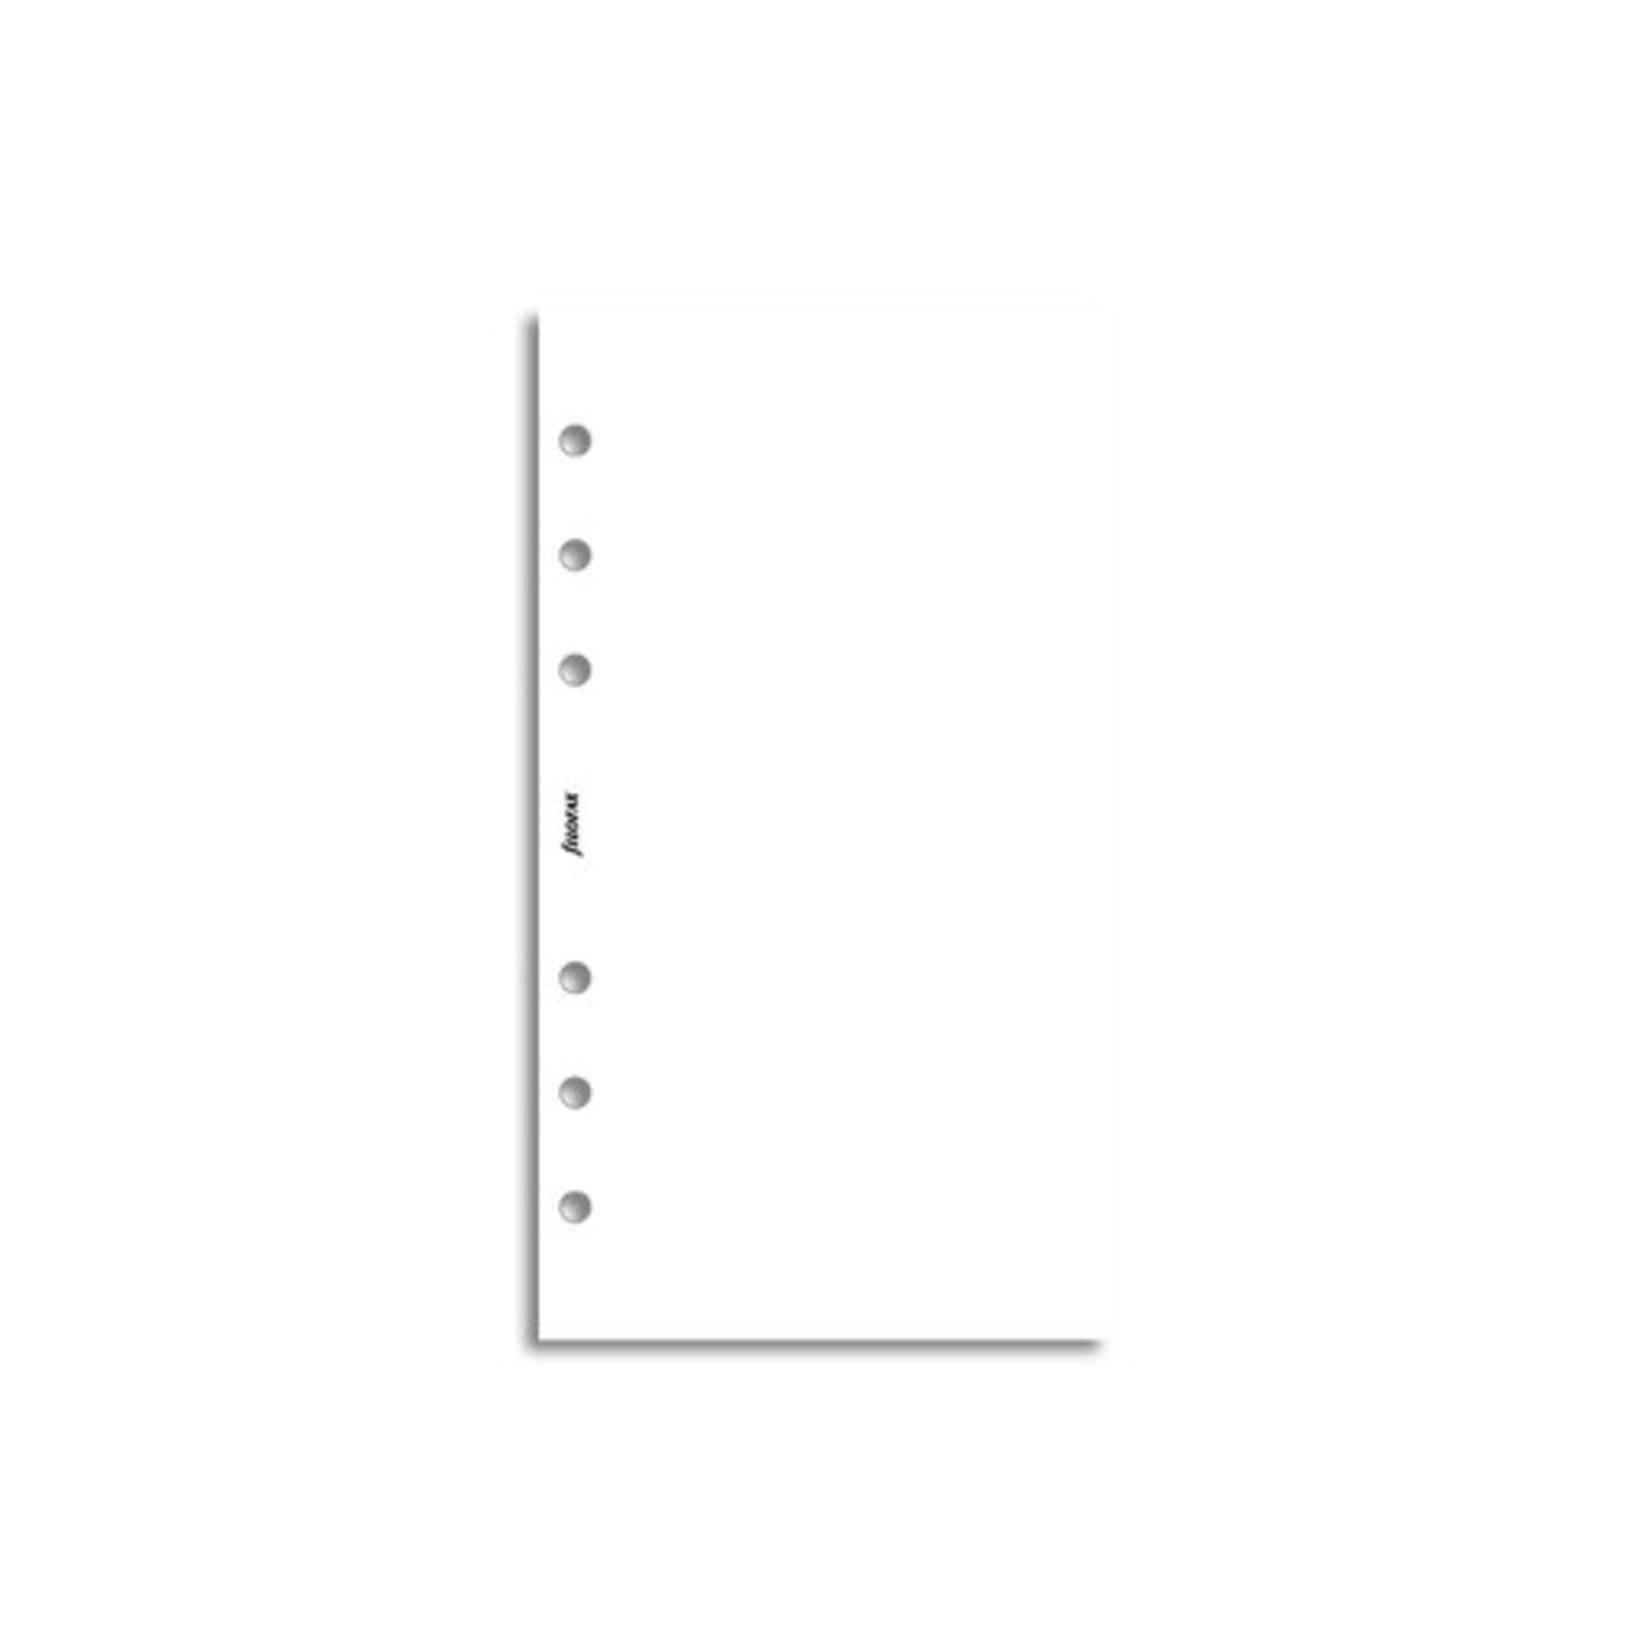 Filofax Filofax Einlage Personal, Papier liniert, 30 Bl., weiß